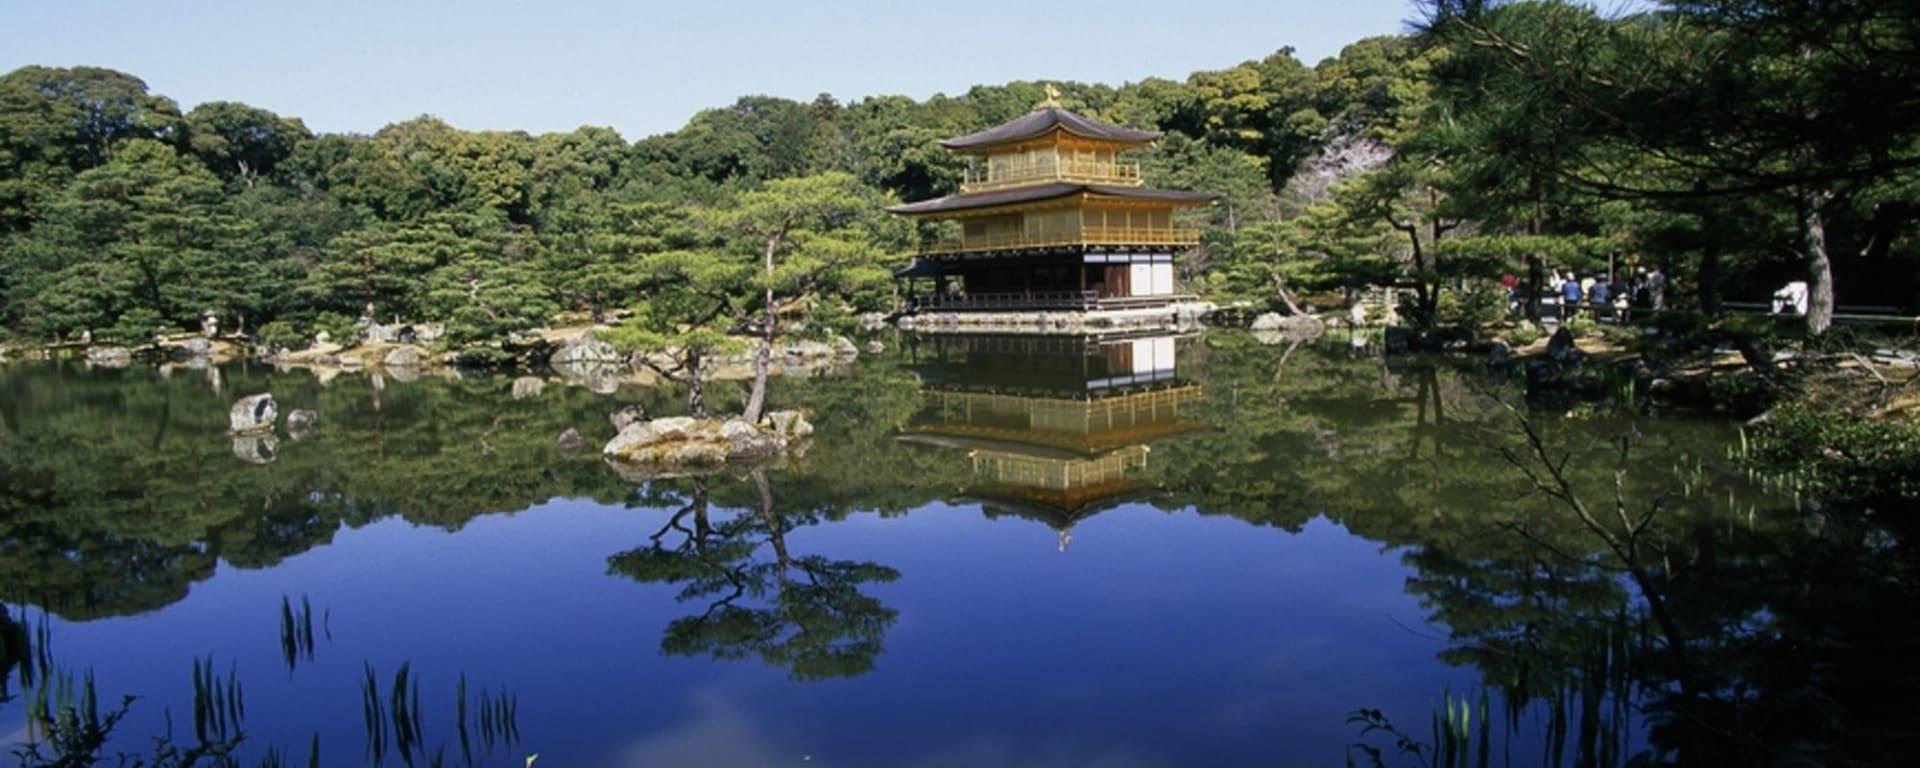 Tour de ville de Kyoto – le matin: Kyoto Golden Pavilion Kinkakuji